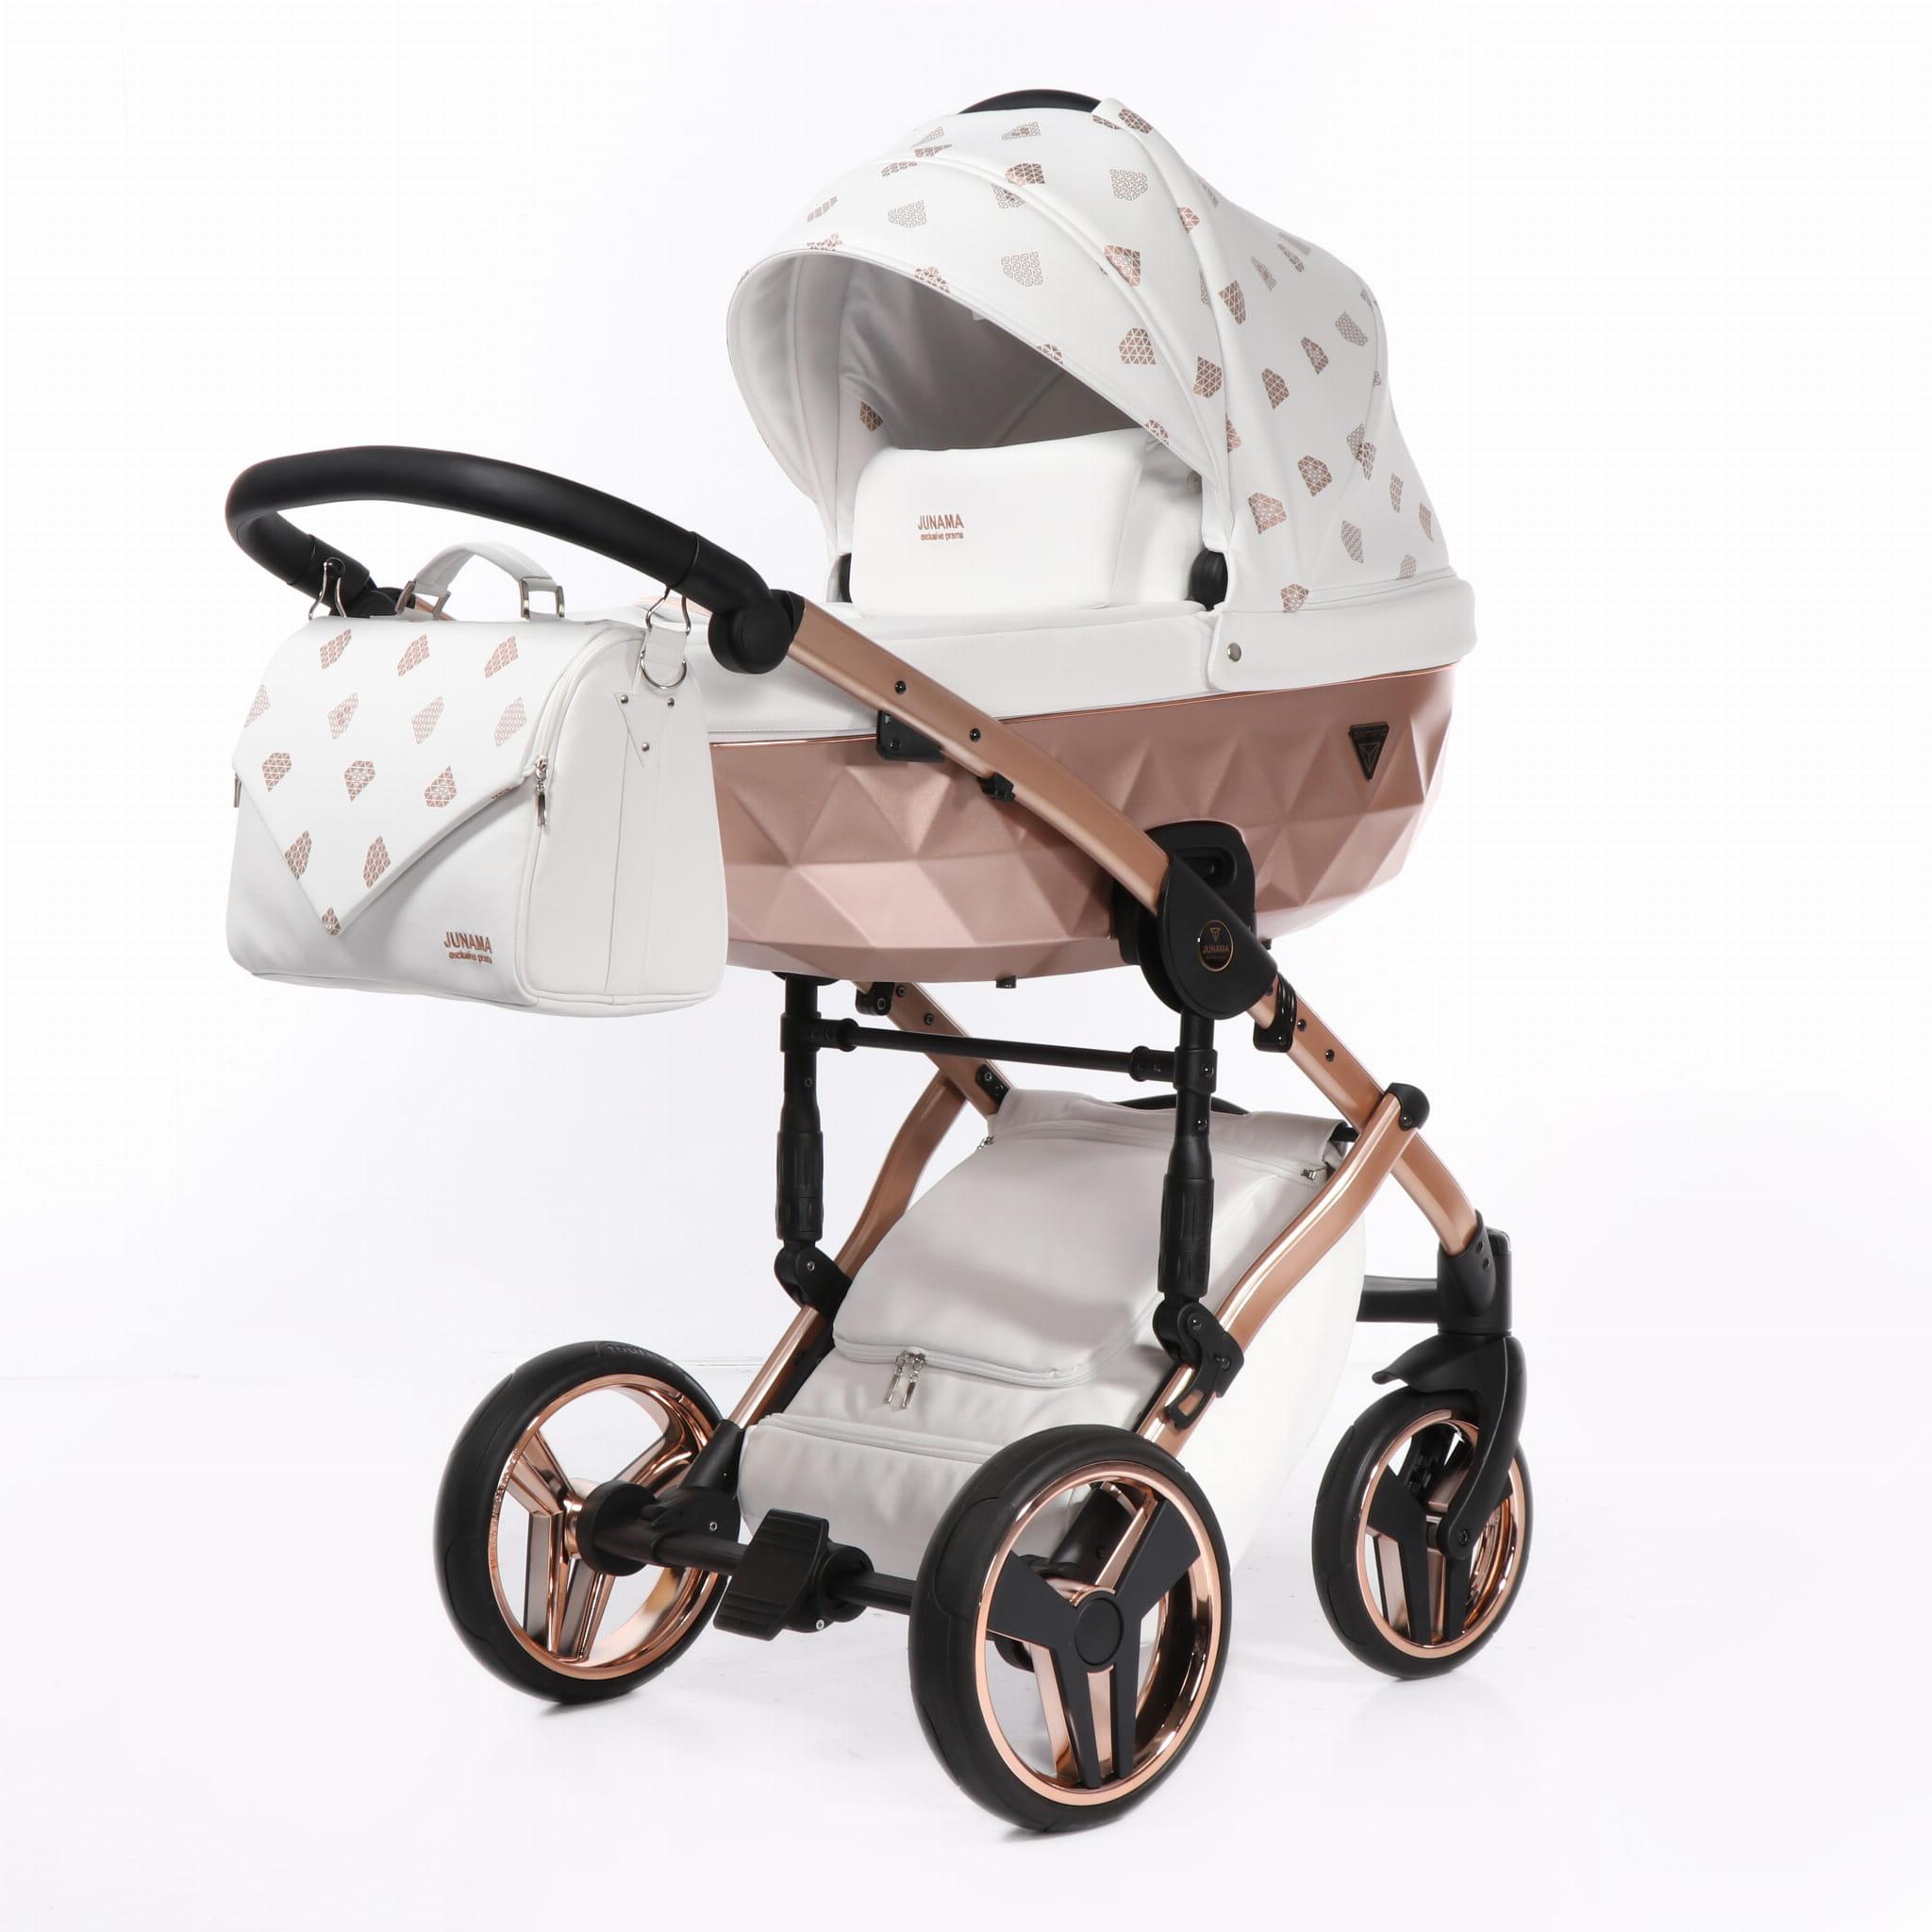 Wózek dziecięcy Junama GLOW 01 3w1